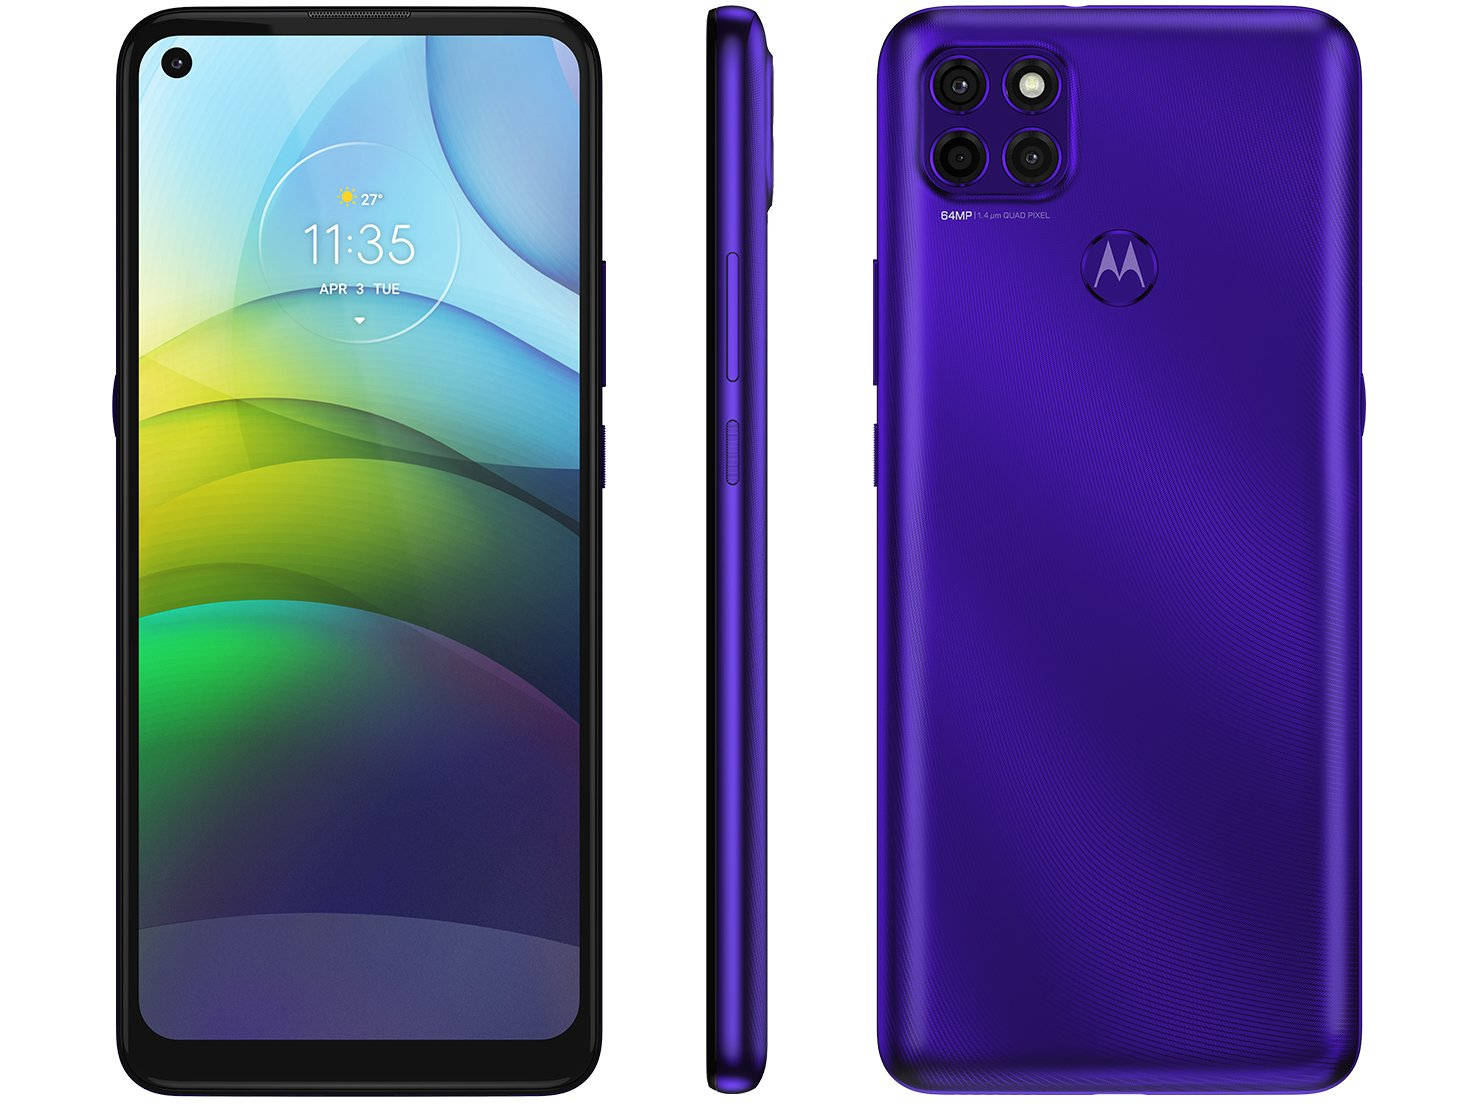 """Smartphone Motorola Moto G9 Power Purple 128GB, 4GB RAM, Tela de 6.8"""", Câmera Traseira Tripla, Android 10 e Processador Octa-Core - 1"""